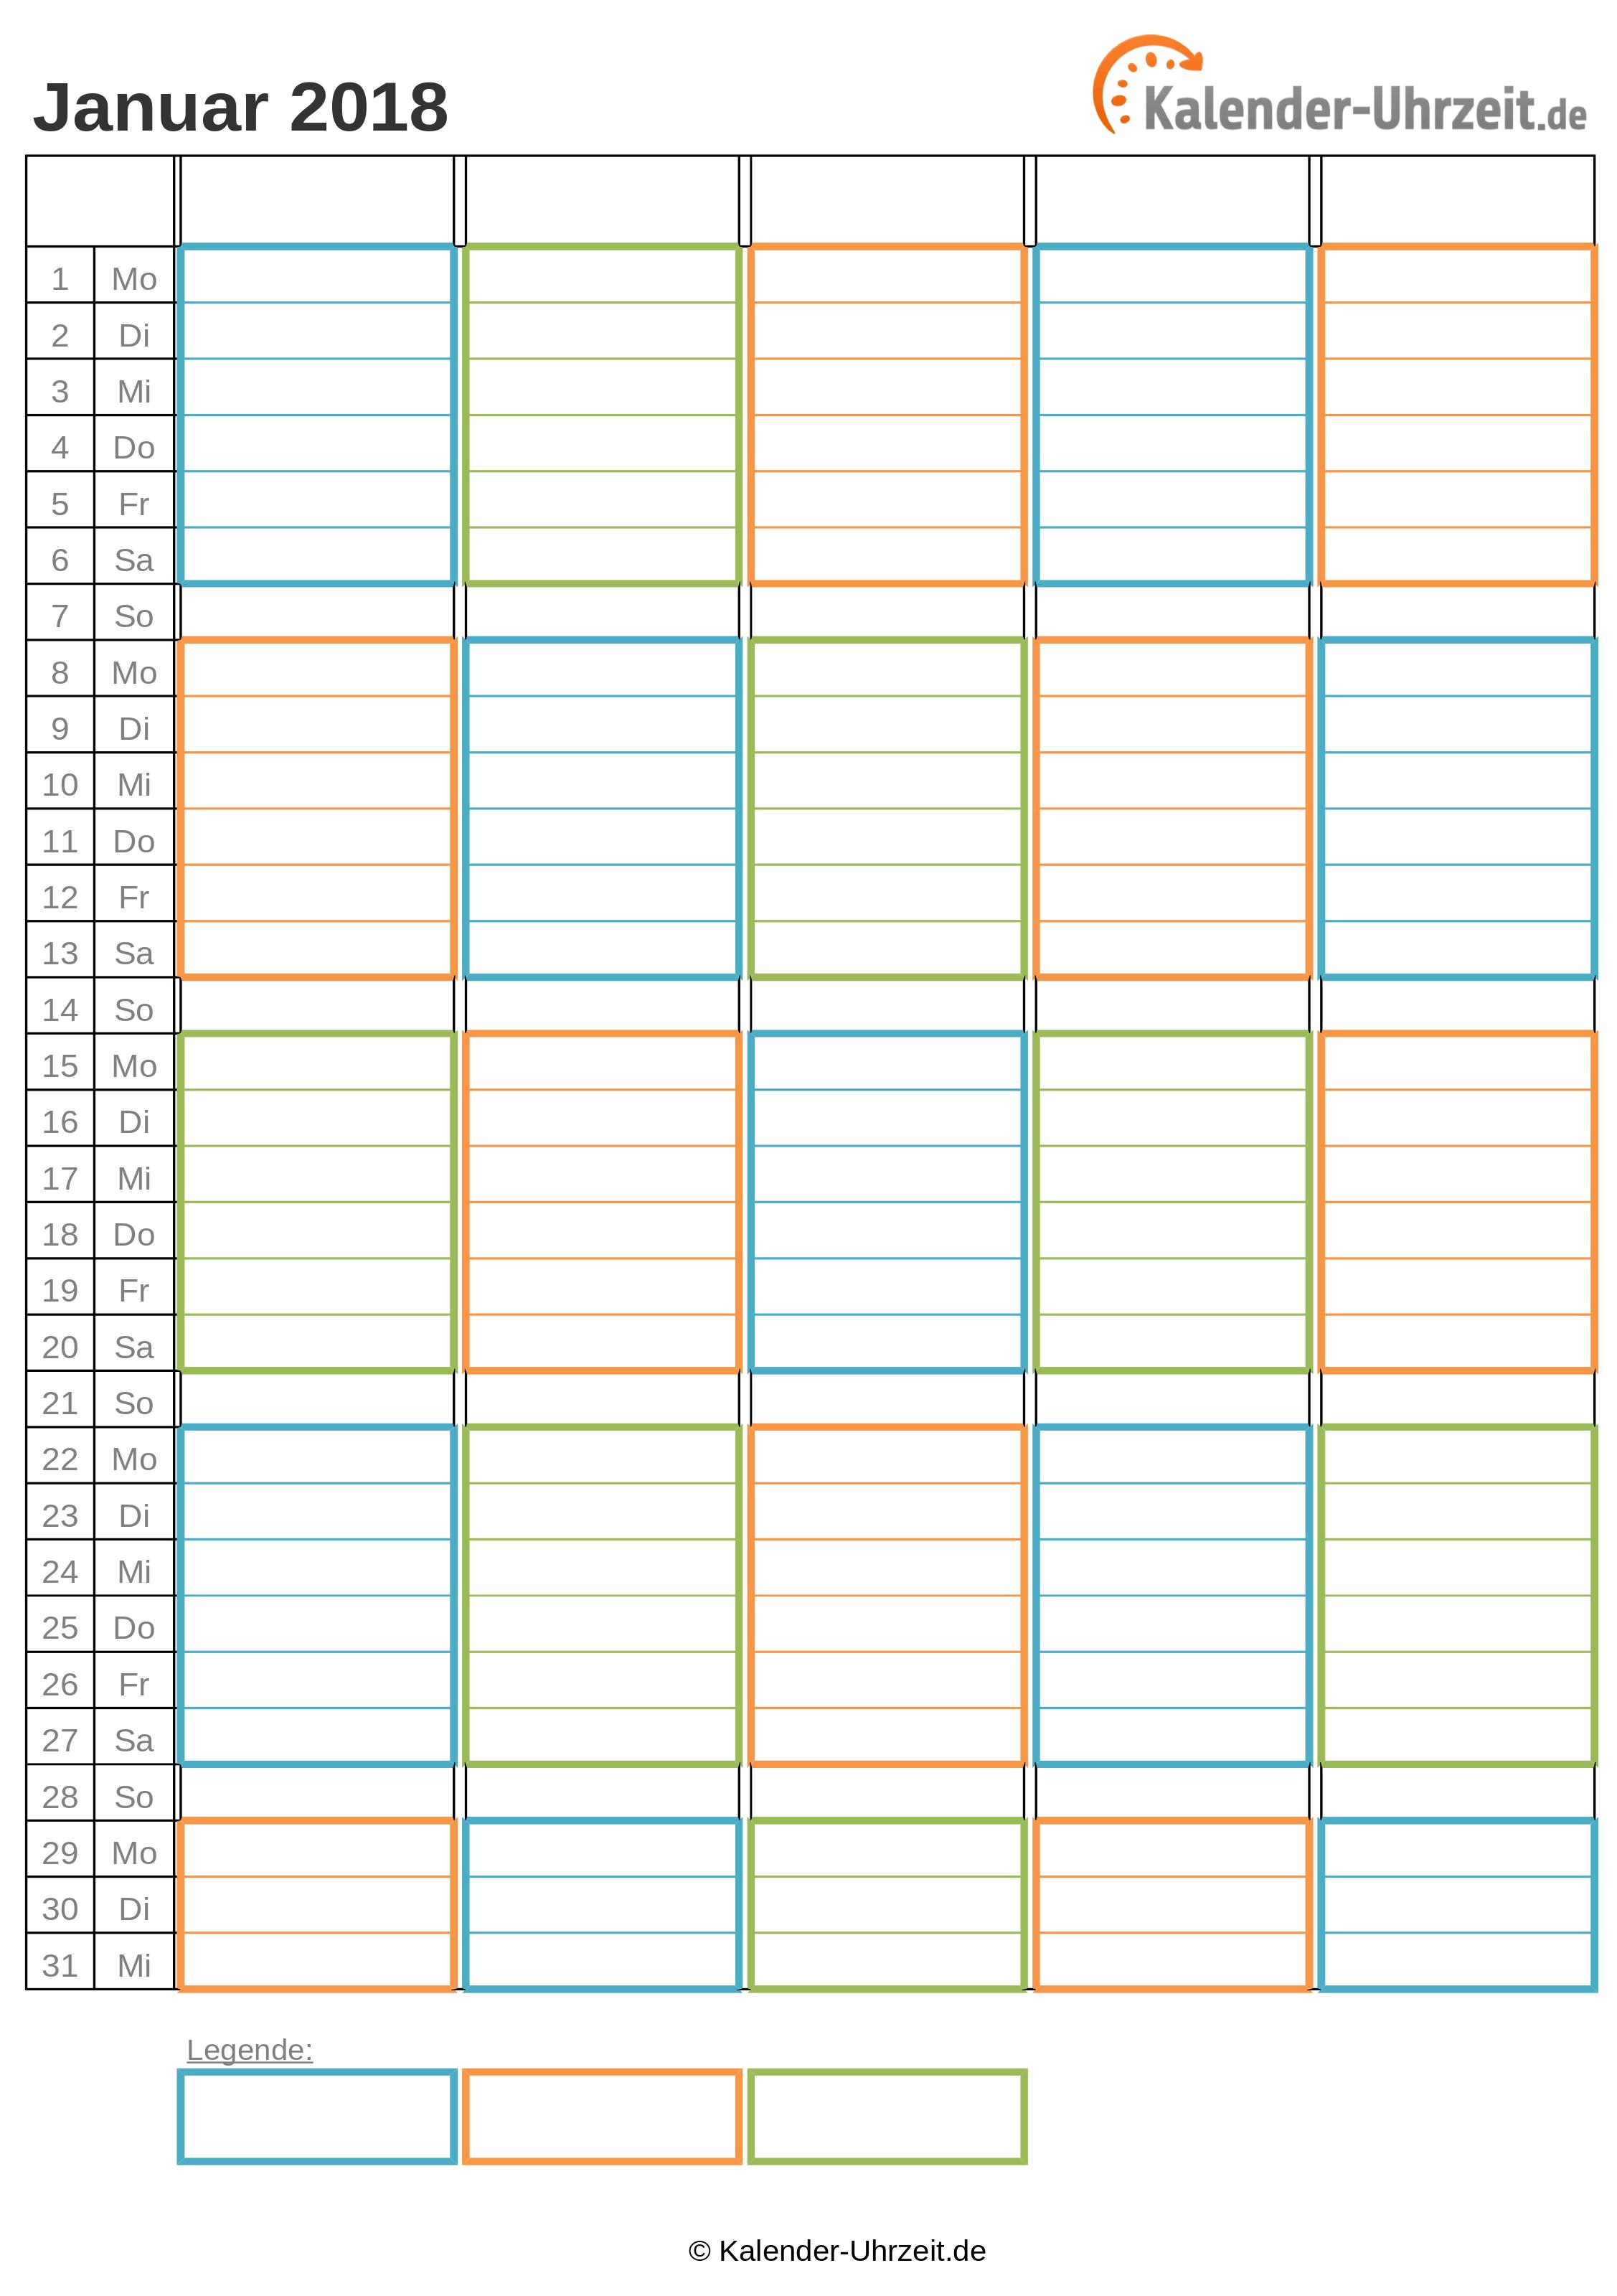 WG-Kalender 2018 drei Personen Vorschau